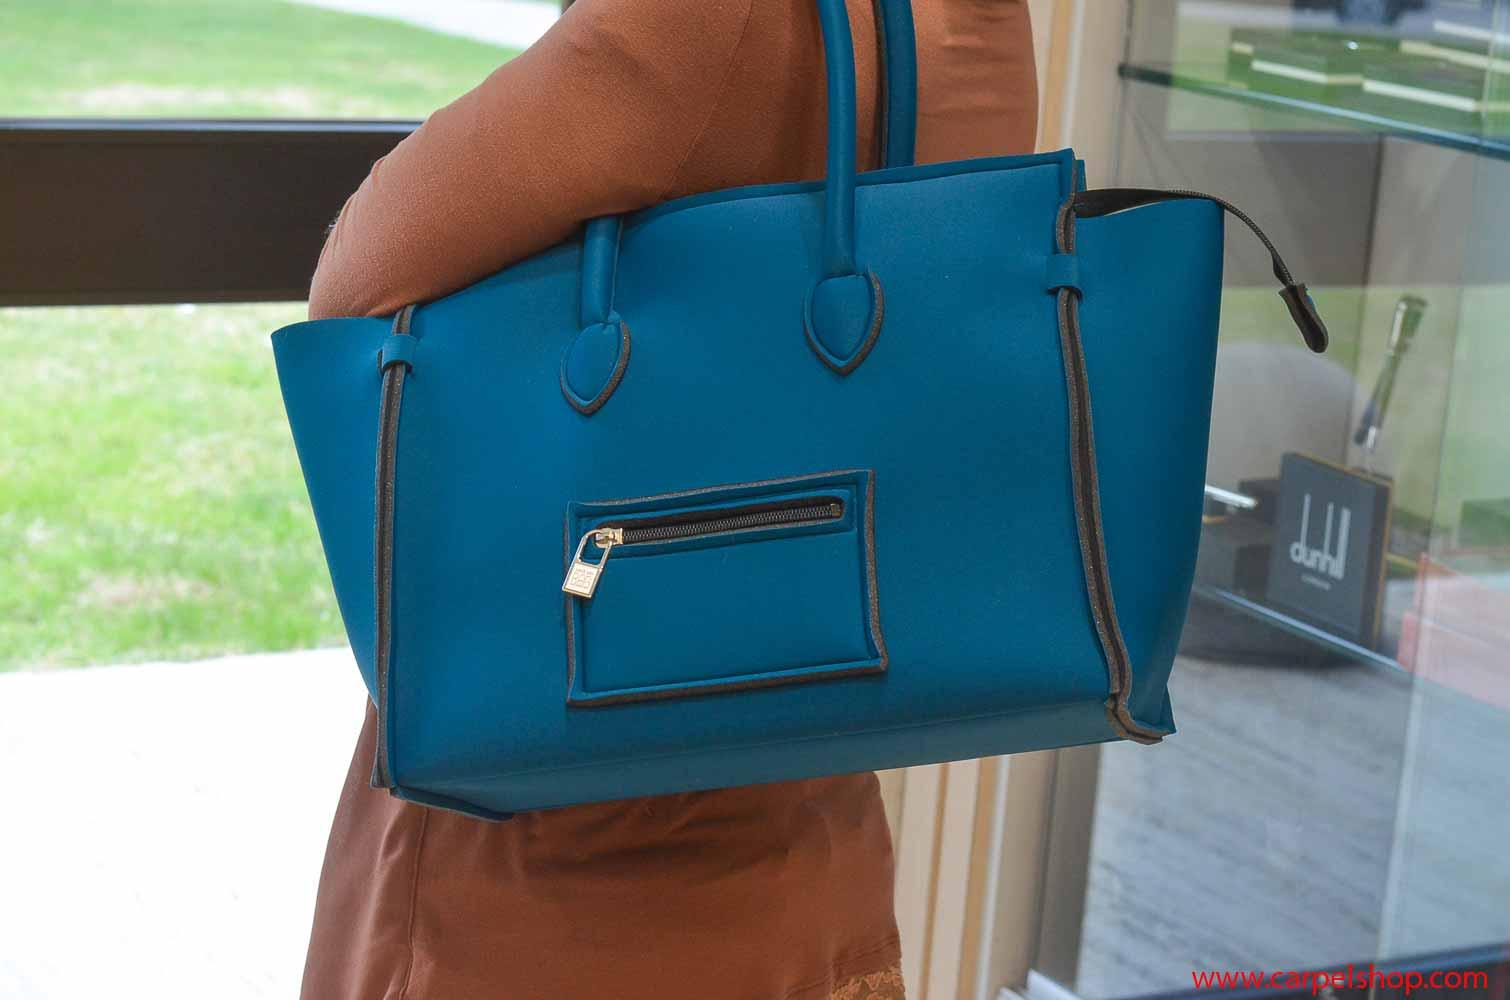 d9dcce08c3 Save My Bag Portofino Portabilità a Spalla